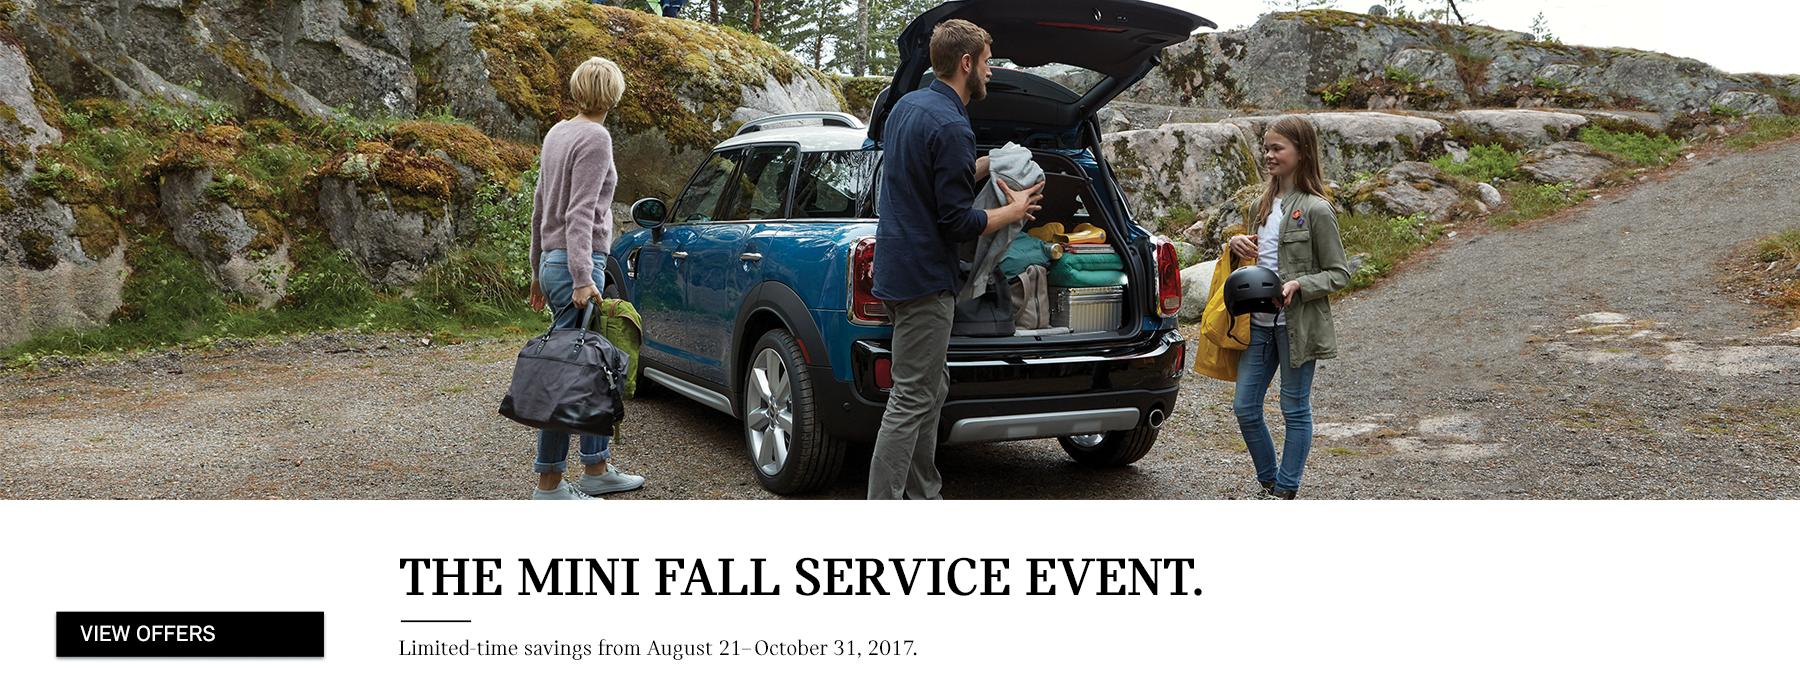 Fall Service Event Asset 1800x700